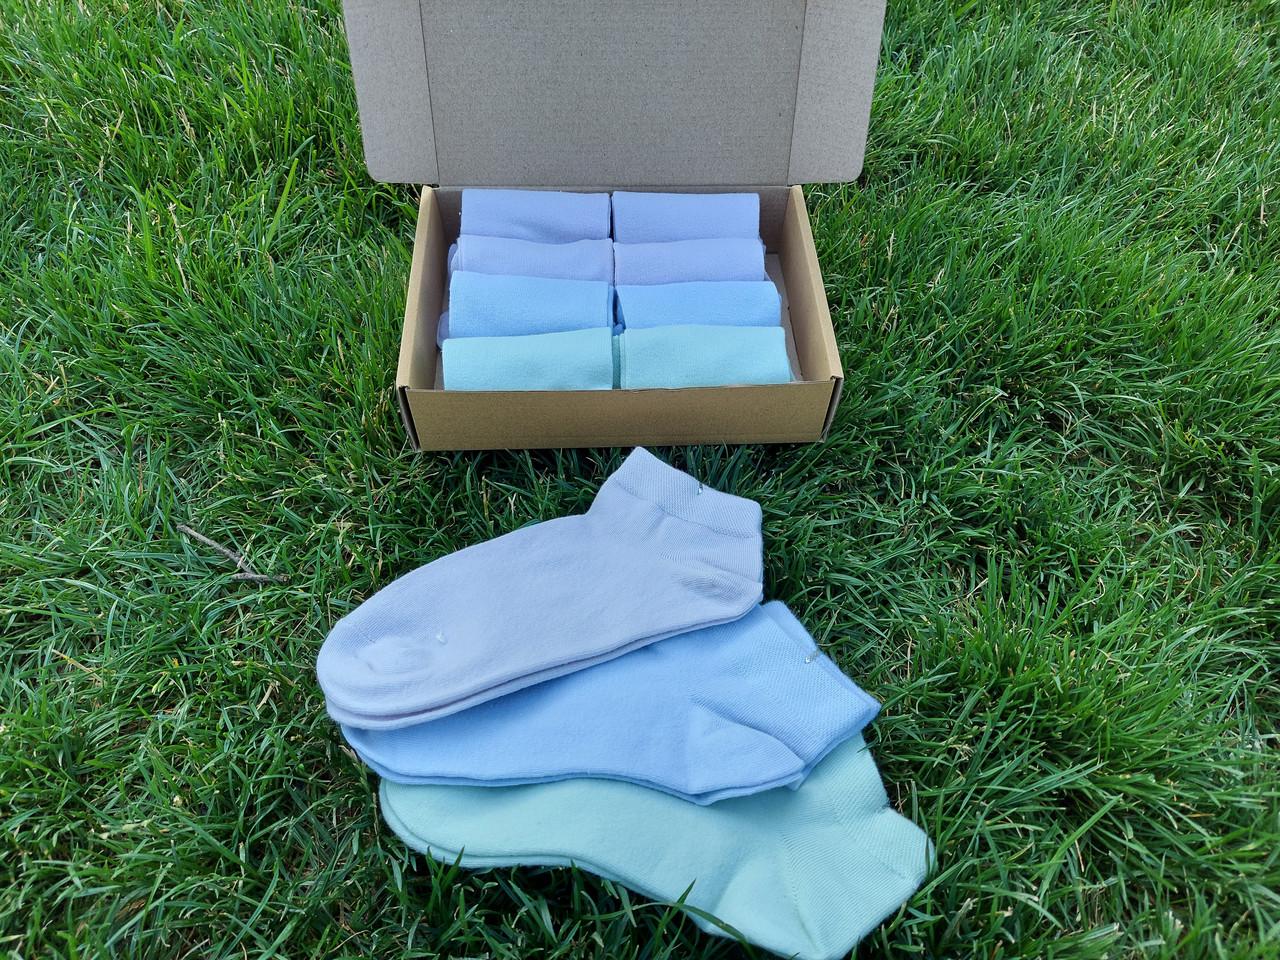 Класика набір жіночих шкарпеток. Шкарпетки в коробочці 8 пар